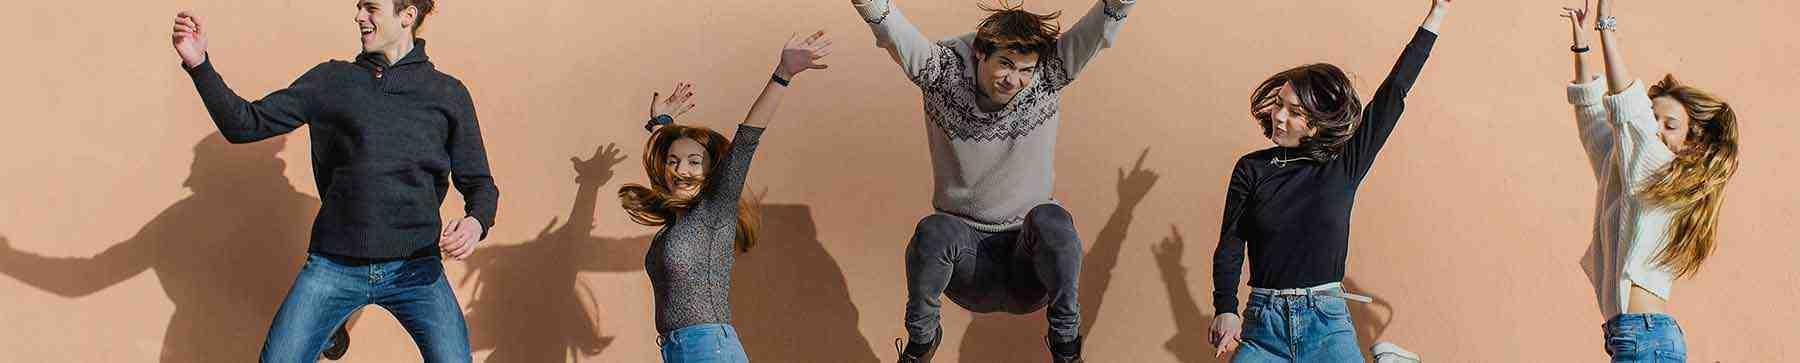 Une photo prise au bon moment d'un groupe d'amis sautant avec leurs mains en l'air